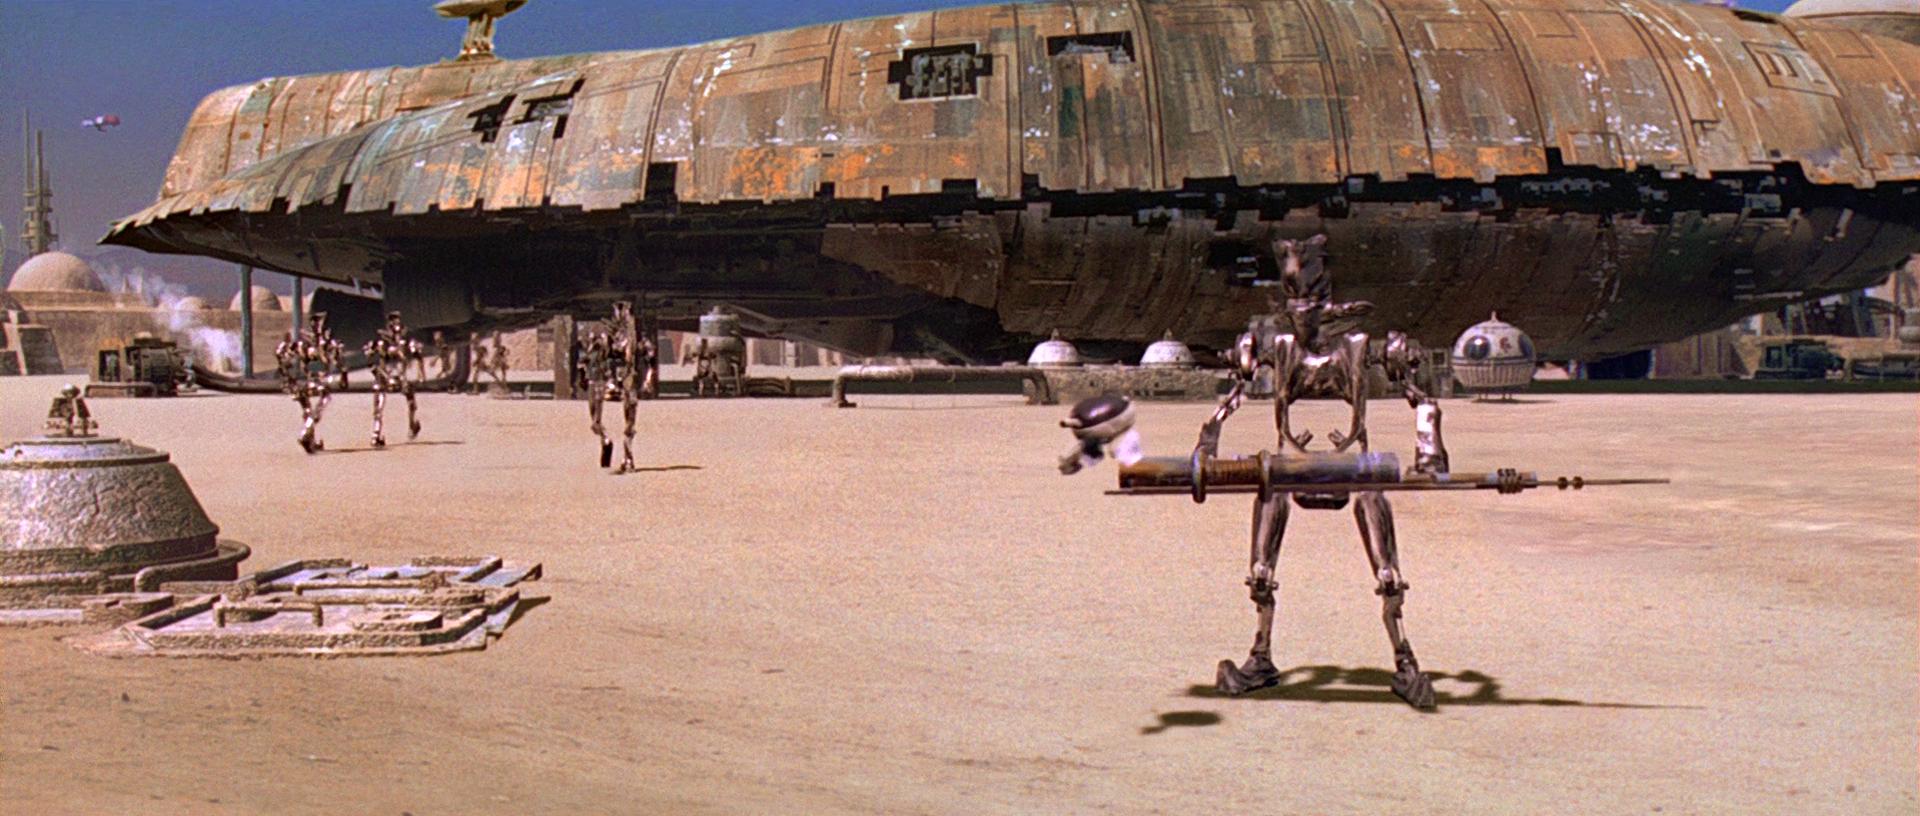 Labor_droids.png